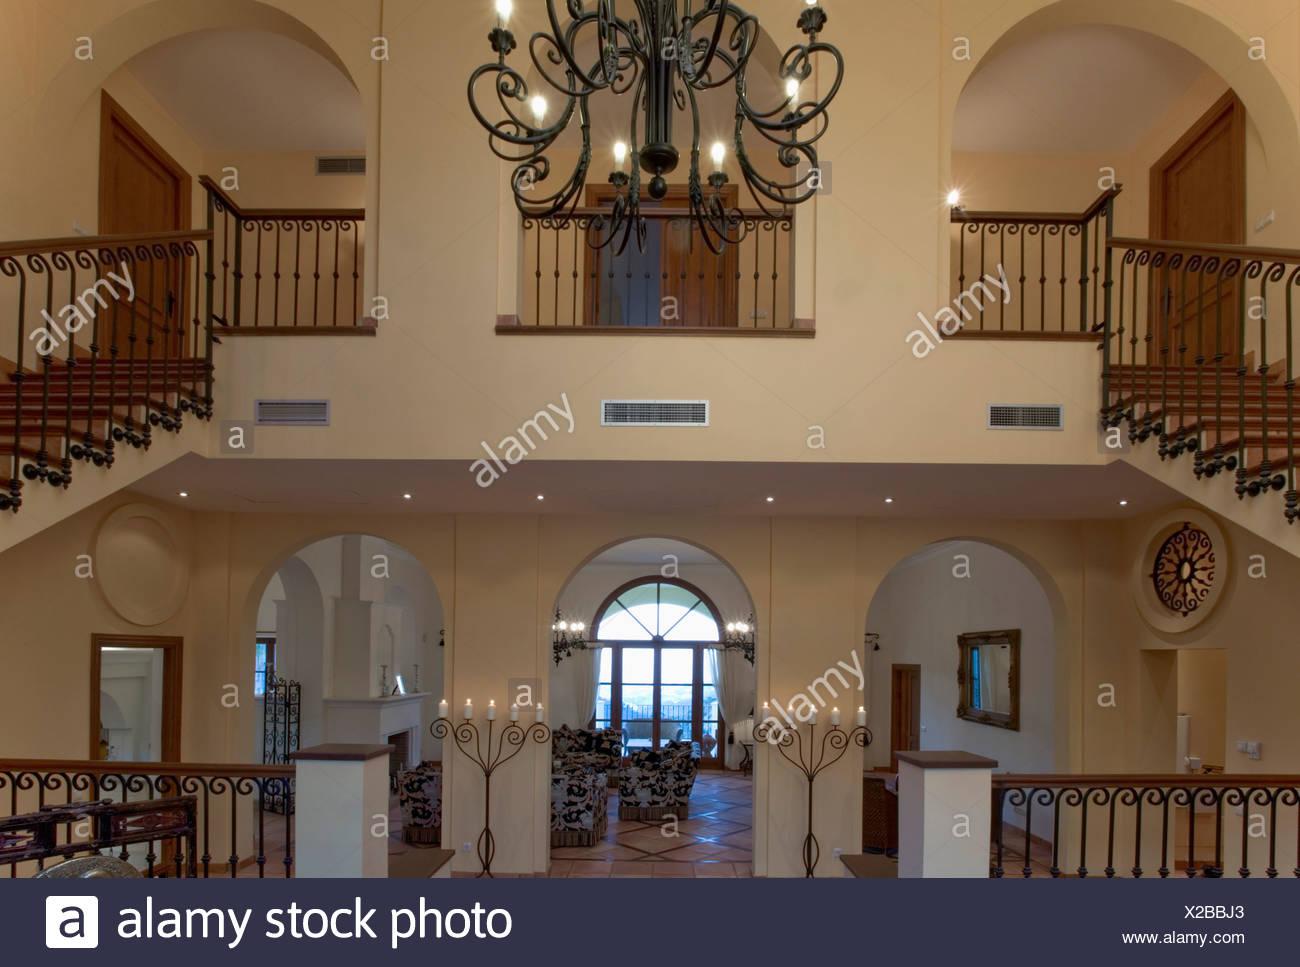 Große Offene Halle Mit Doppelten Treppen Zur Landung In Spanische Villa Mit  Schmiedeeisernen Kronleuchter Galerie